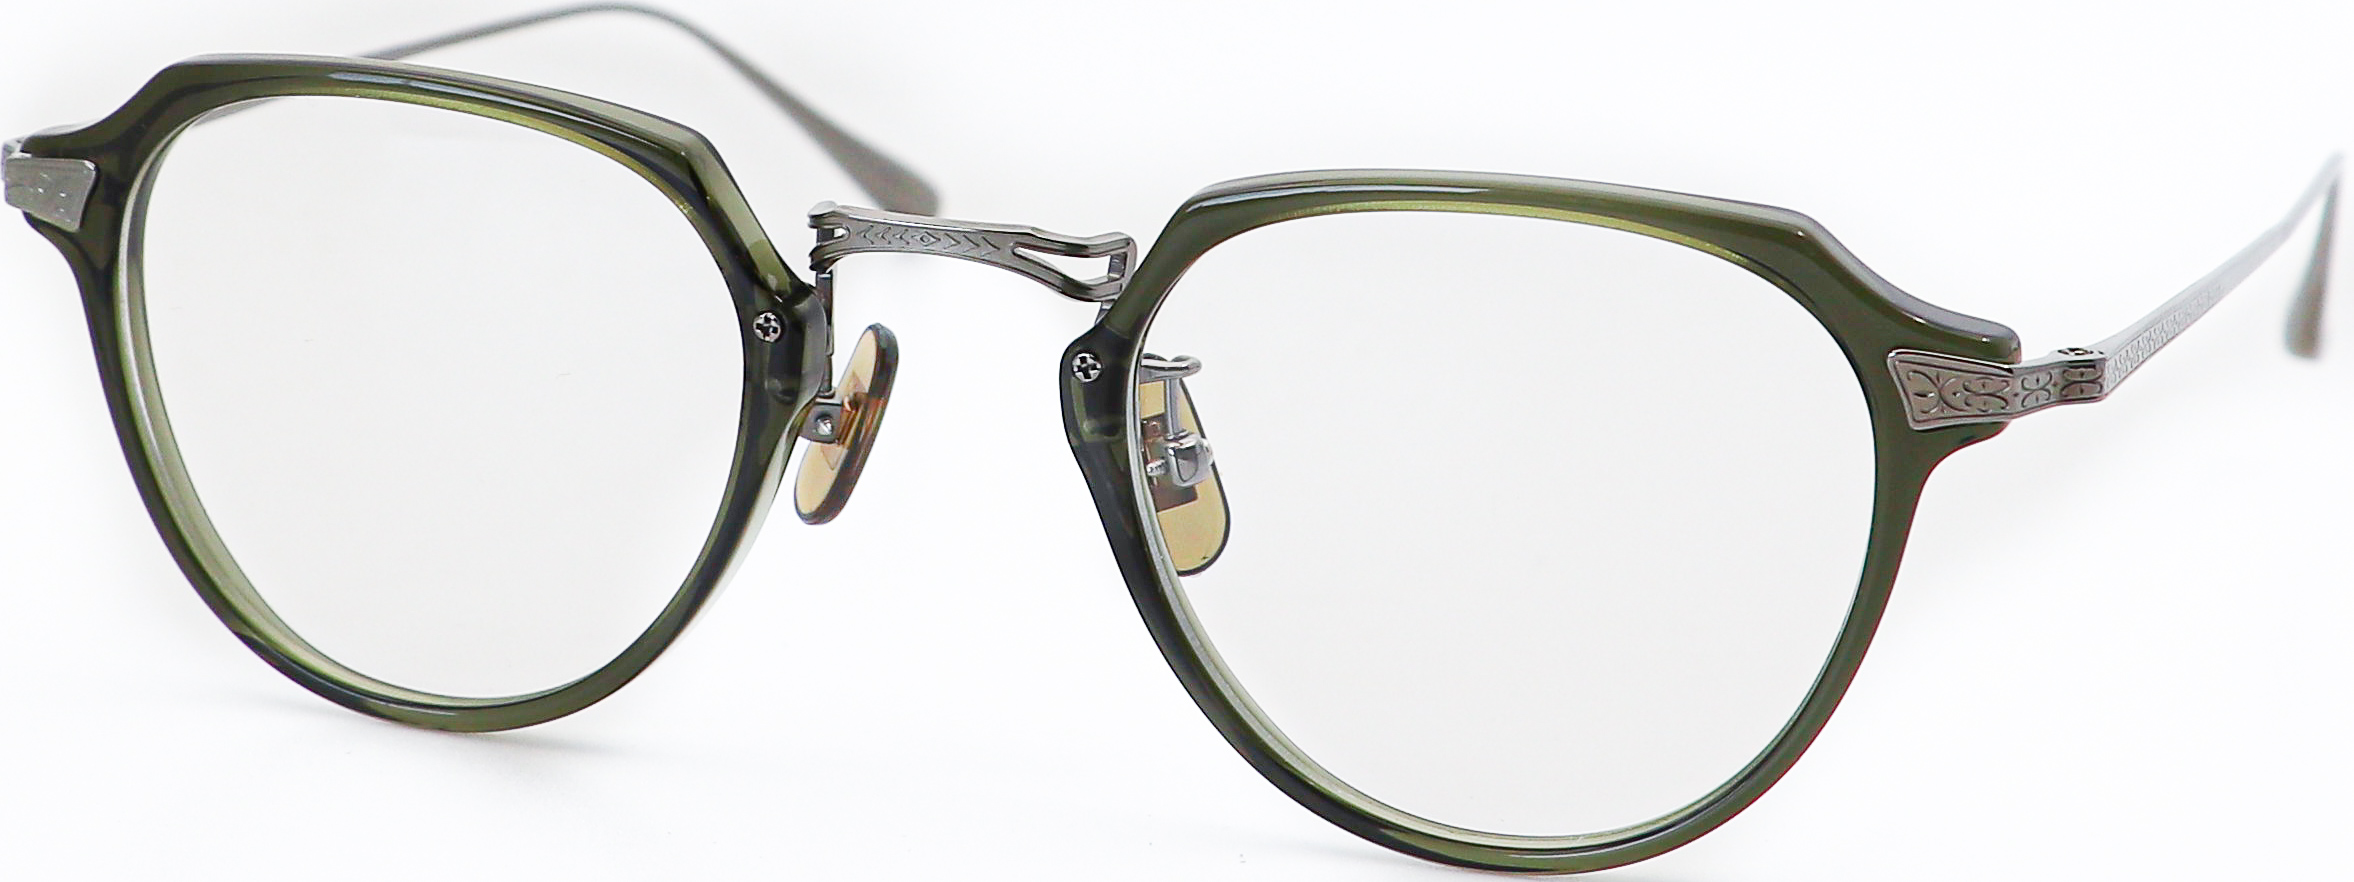 眼鏡のカラータイプC-4 Khaki/Gray